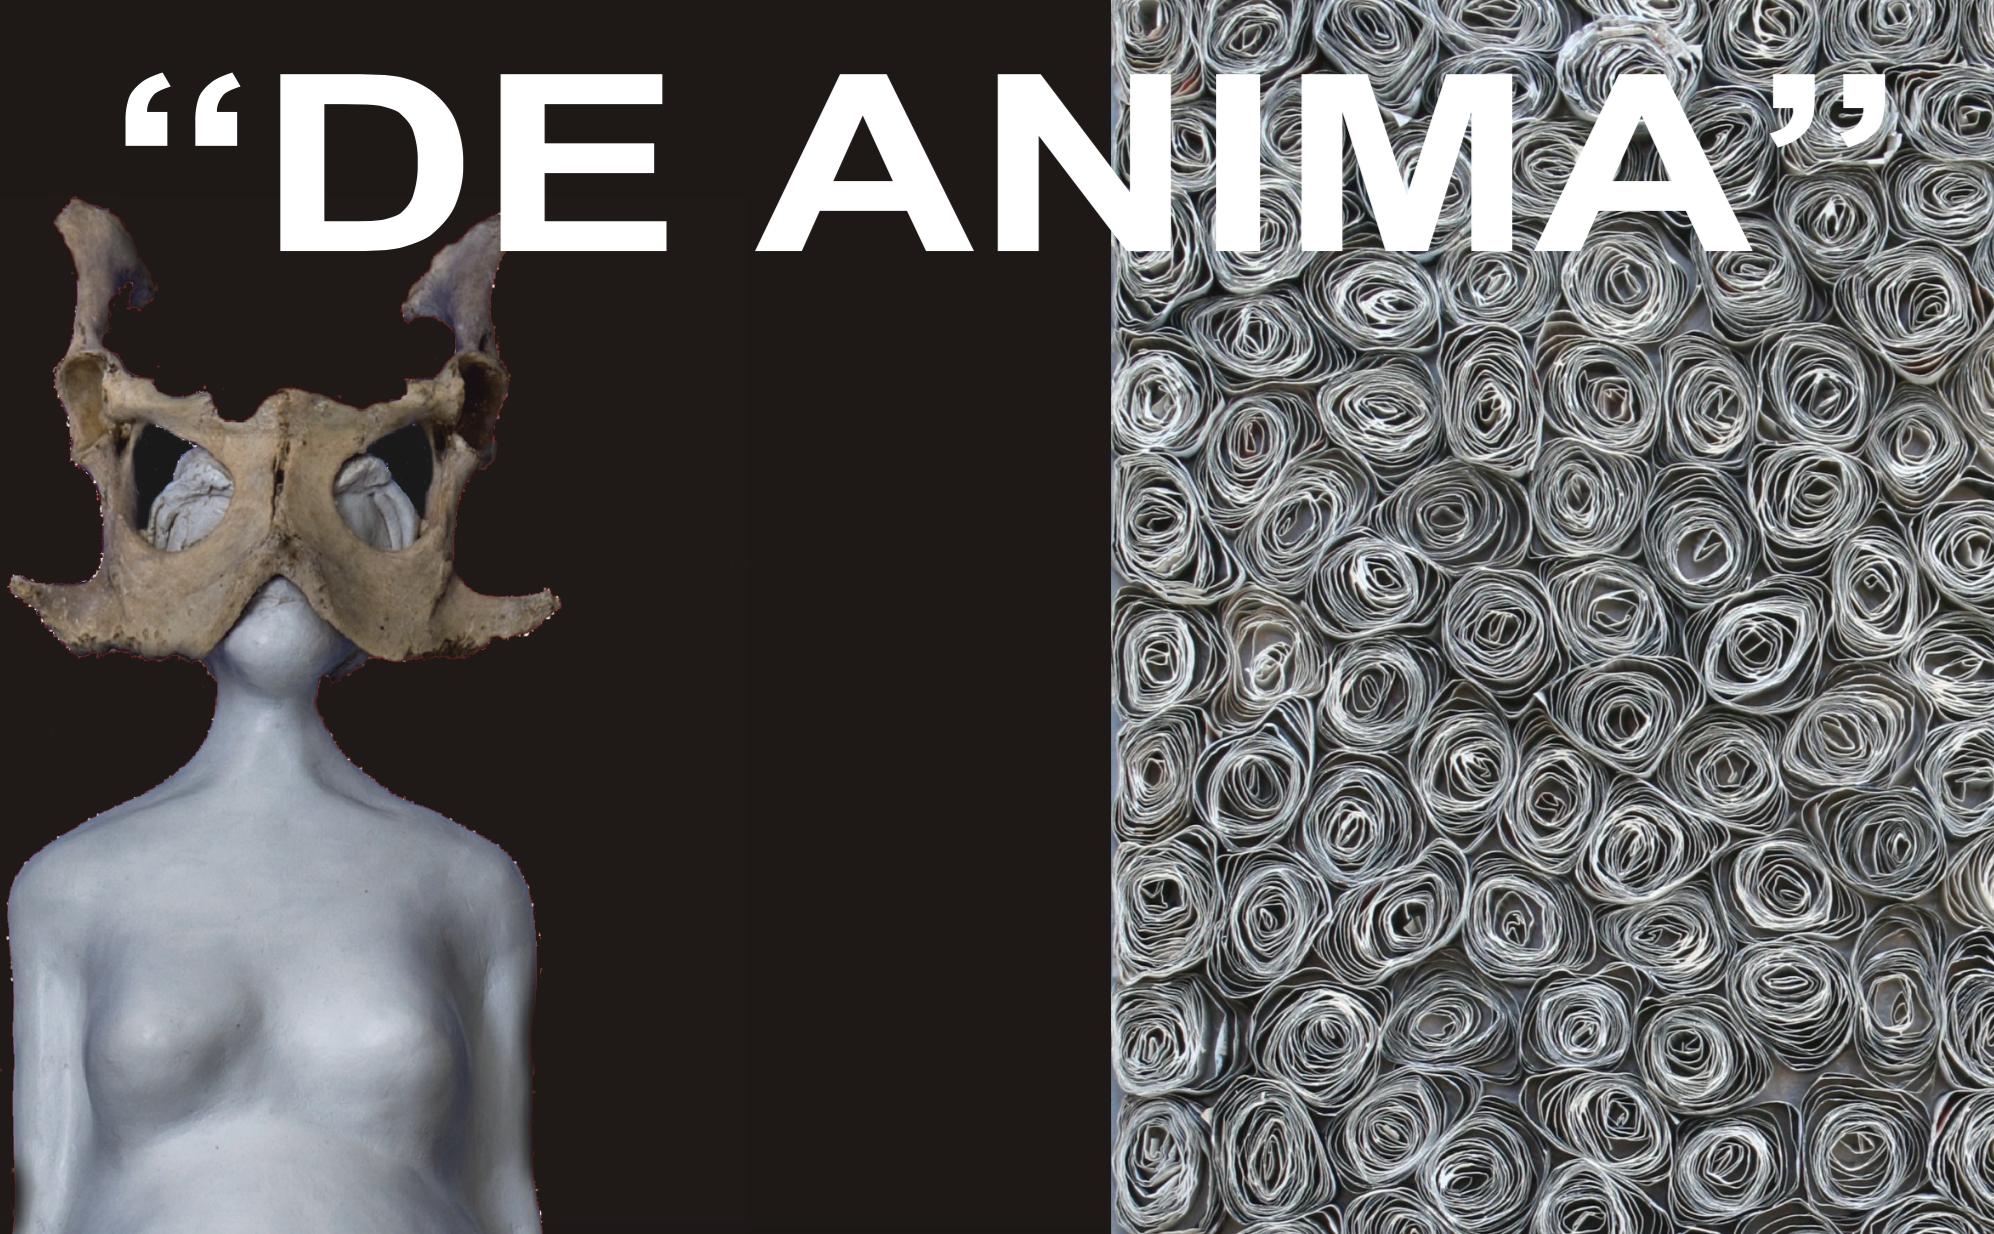 De Anima. Infinite forme e ricerca estetica.